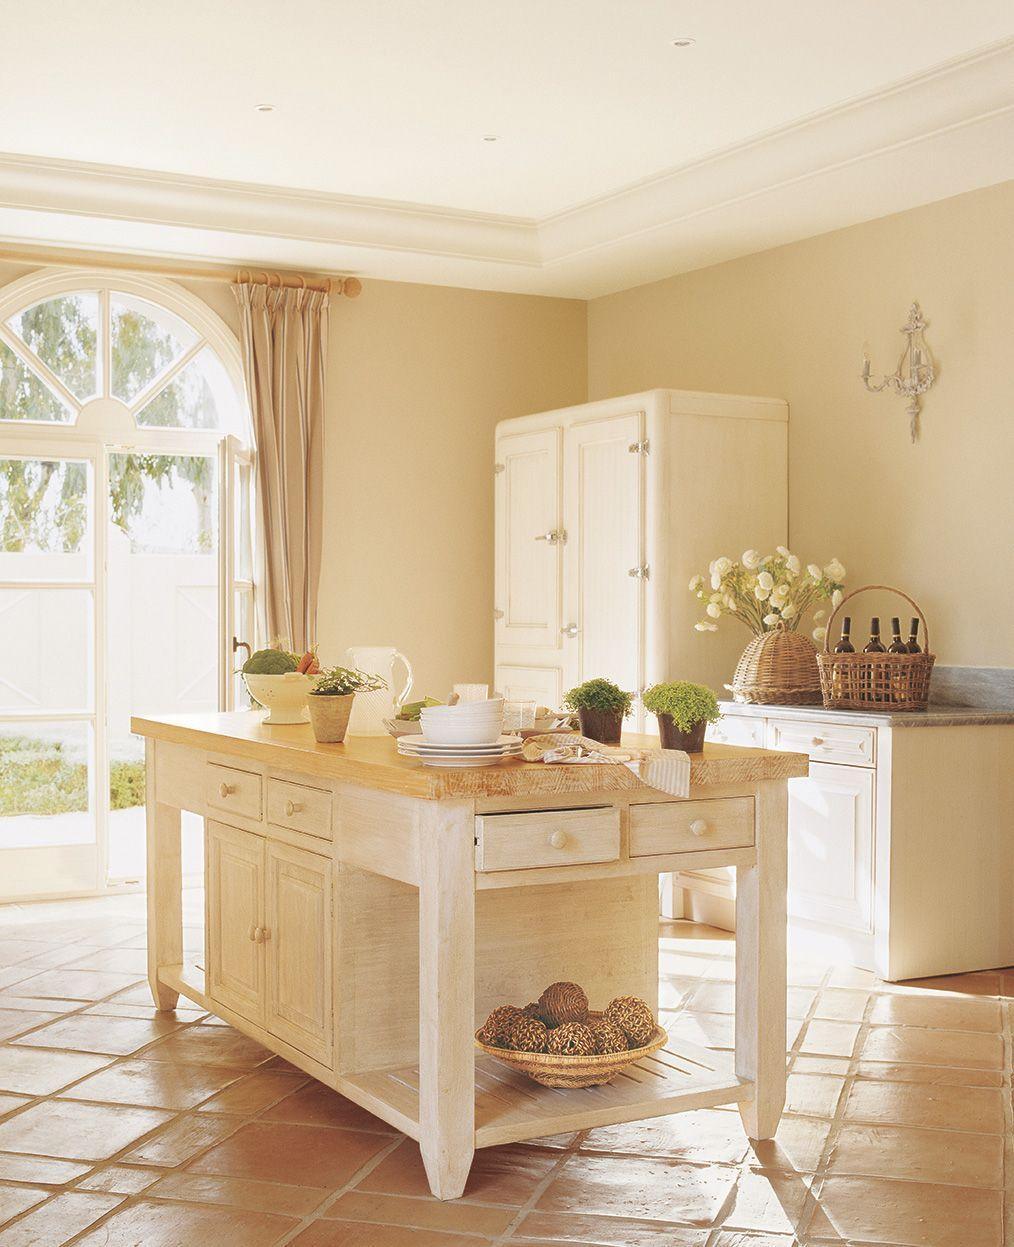 00161231 Mueble De Madera En Blanco Con Encimera De Madera Sirve  # Ruffino Muebles & Deco San Telmo